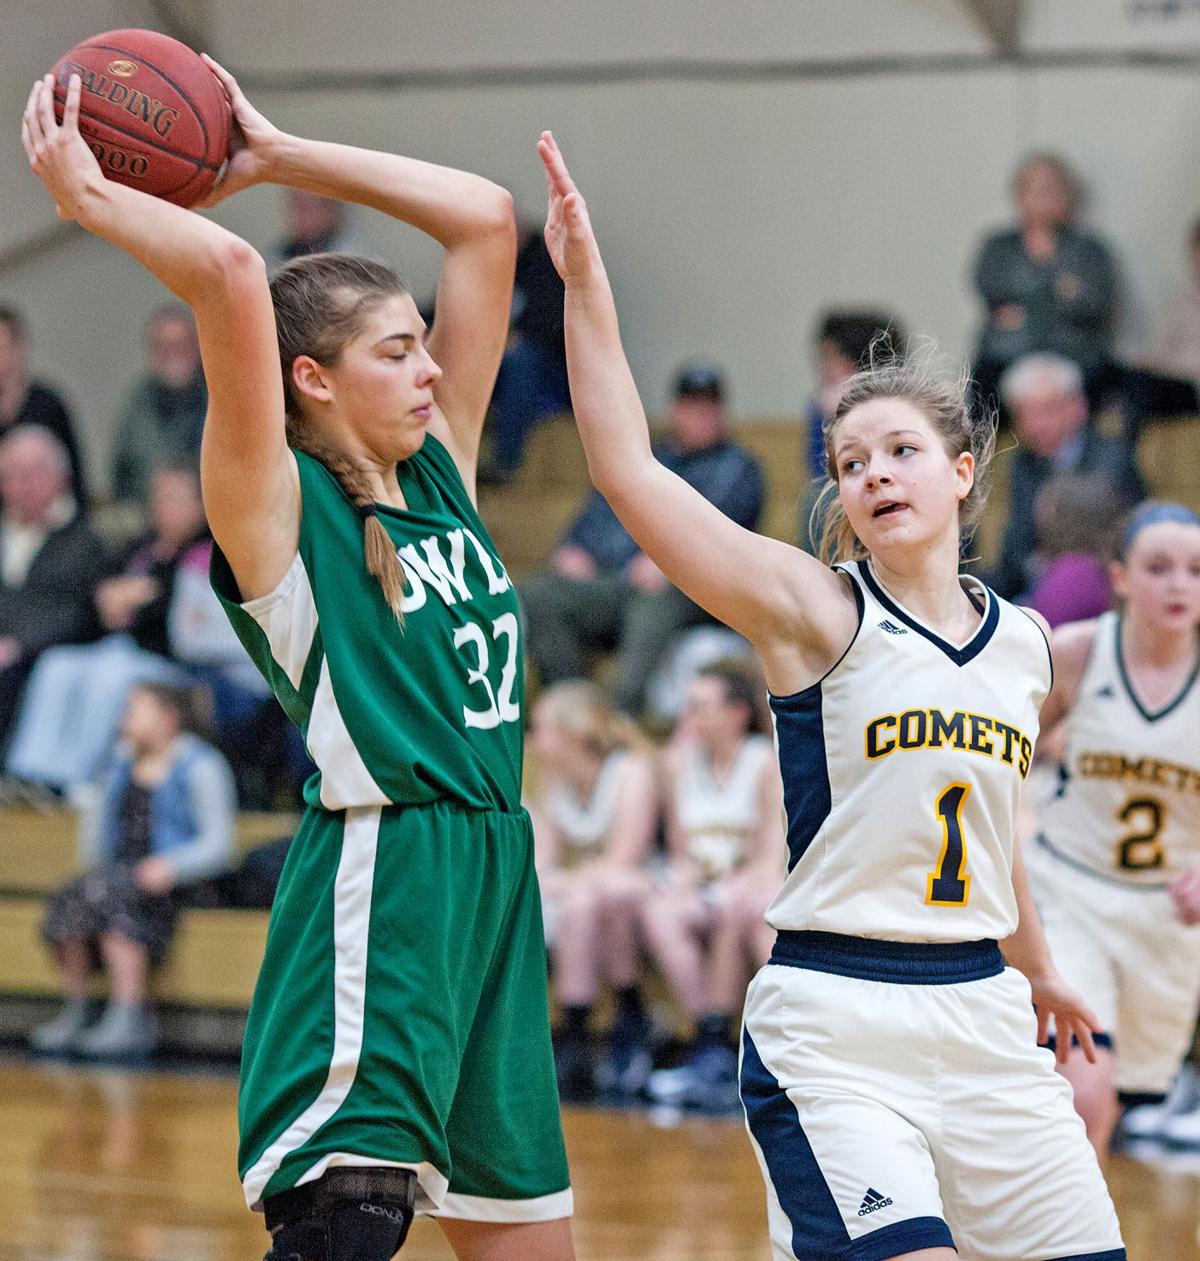 181226_co_sports_nhs_girls_basketball_img2.jpg